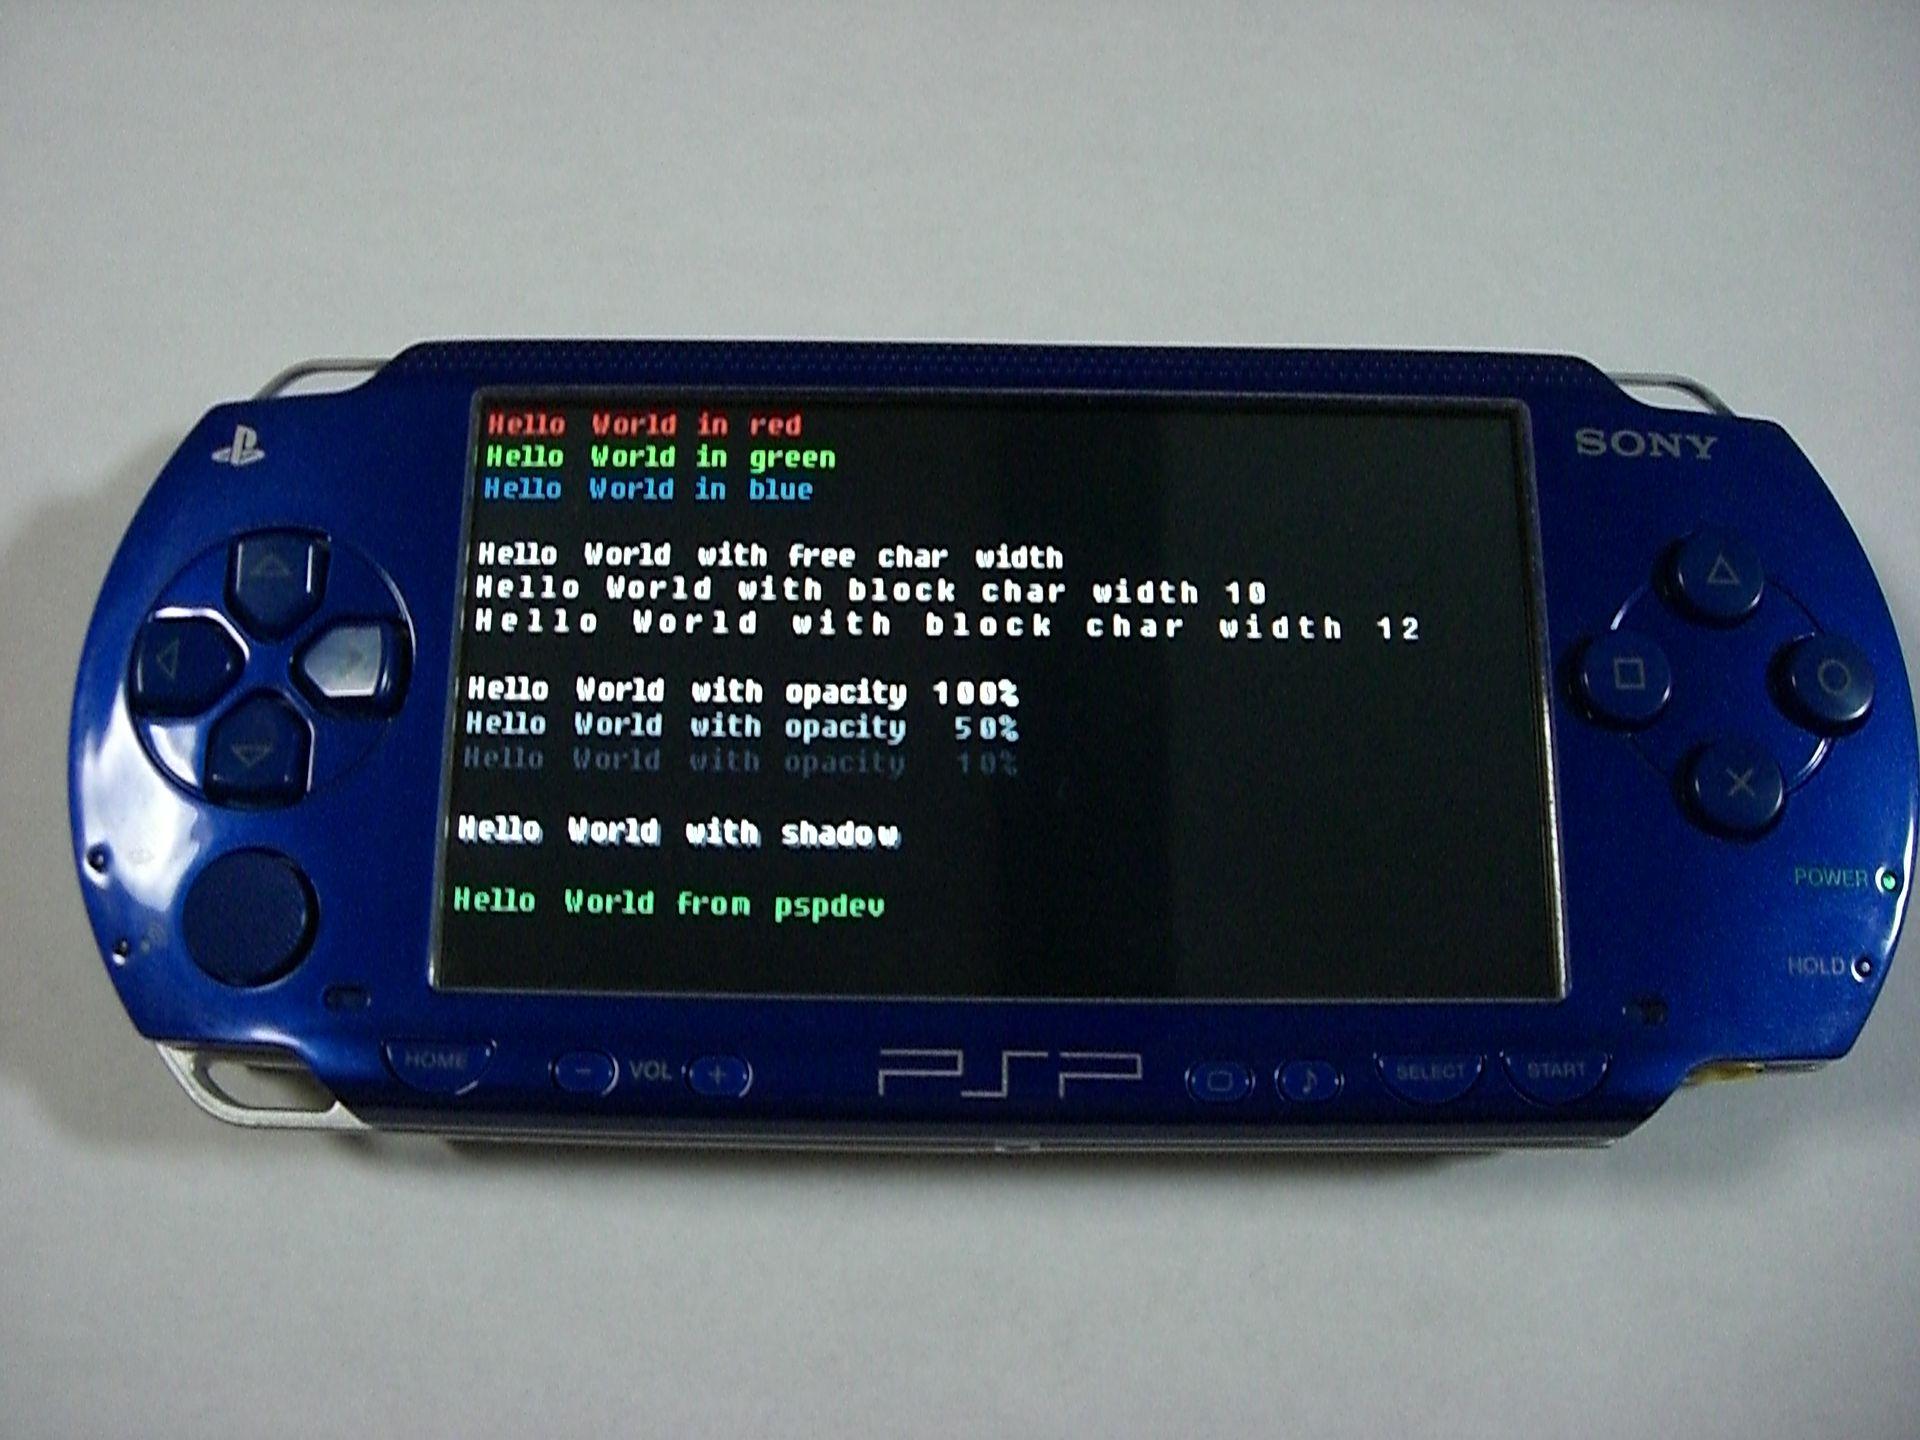 Sony psp программы на